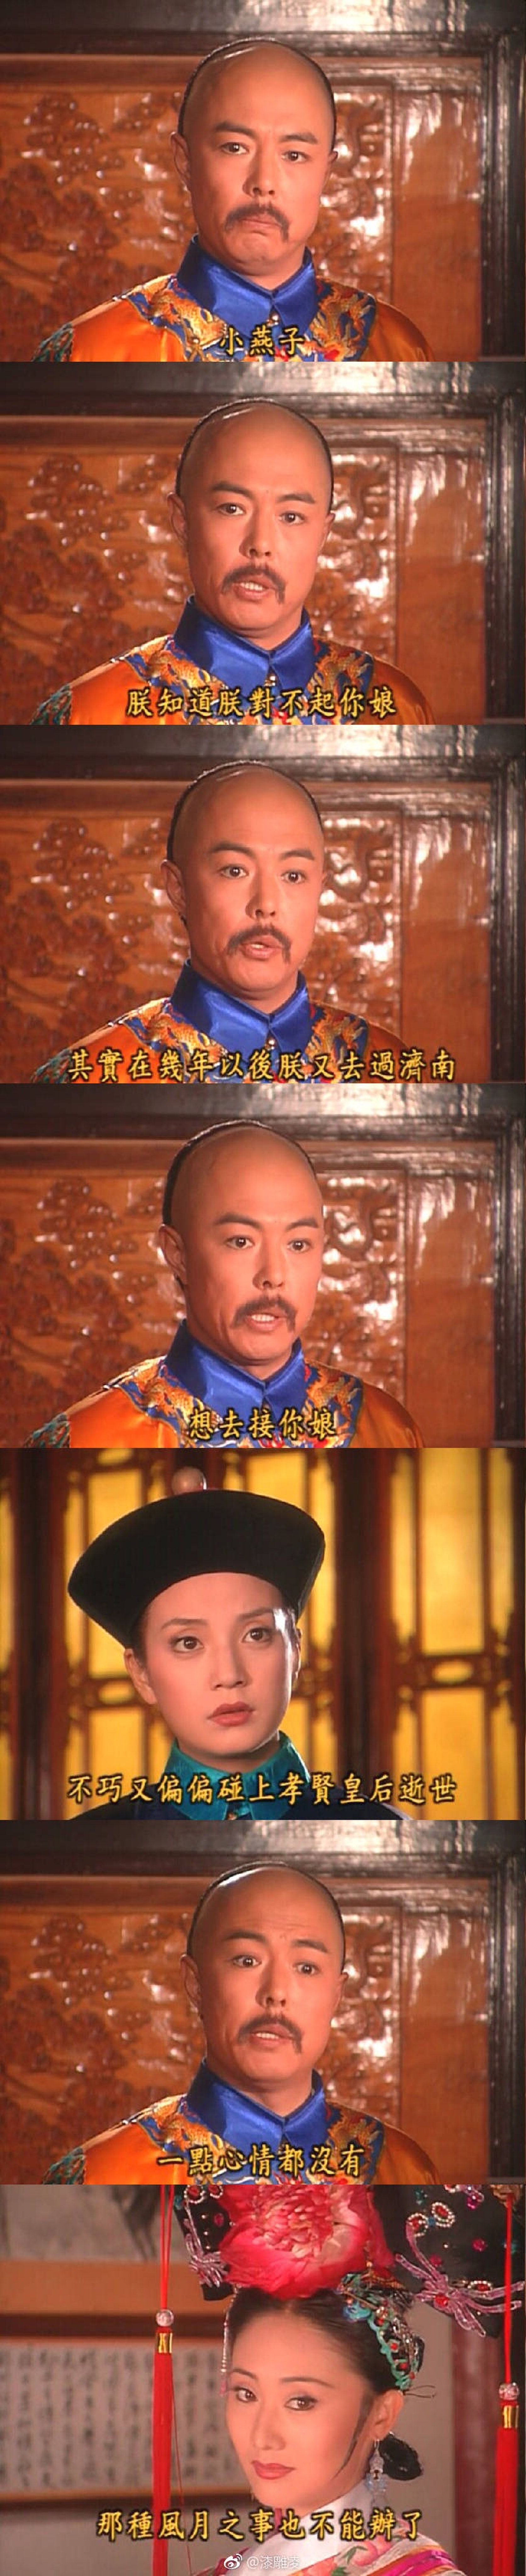 乾隆對富察皇后愛之深,當年富察皇后在回京途中經山東濟南時病逝,這就可以解釋為什麼乾隆沒有去見夏雨荷?(網絡圖片)